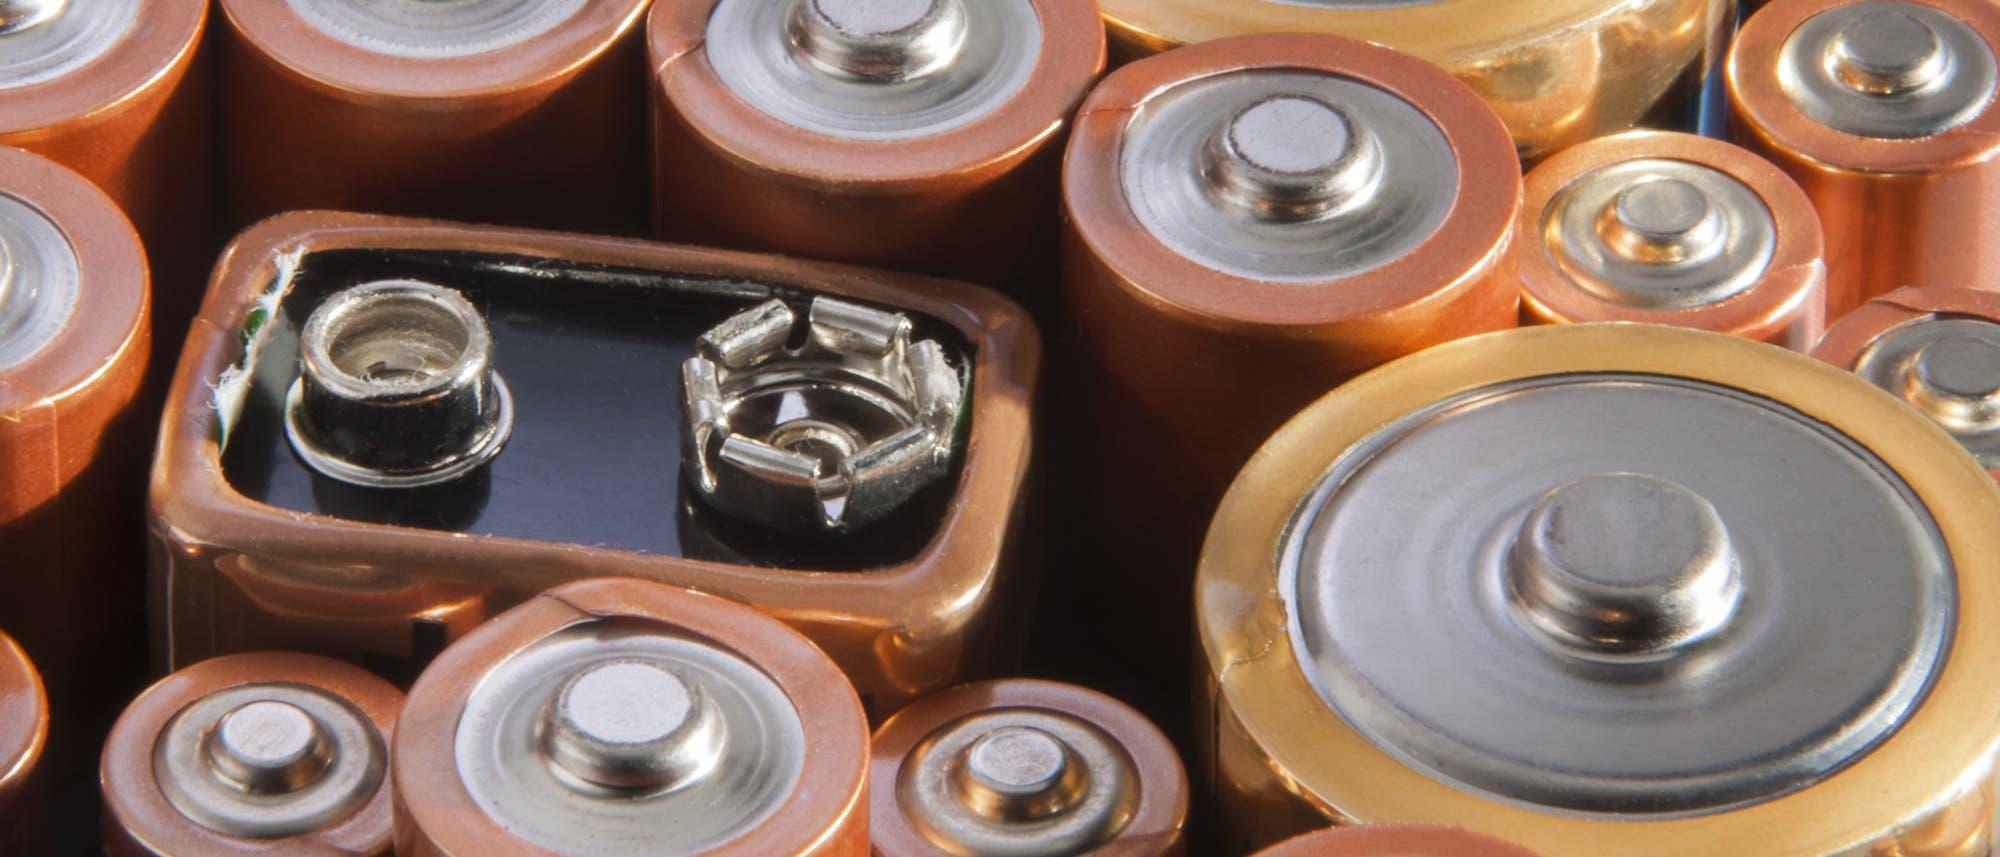 Batterien und Akkus nebeneinander aufgereiht